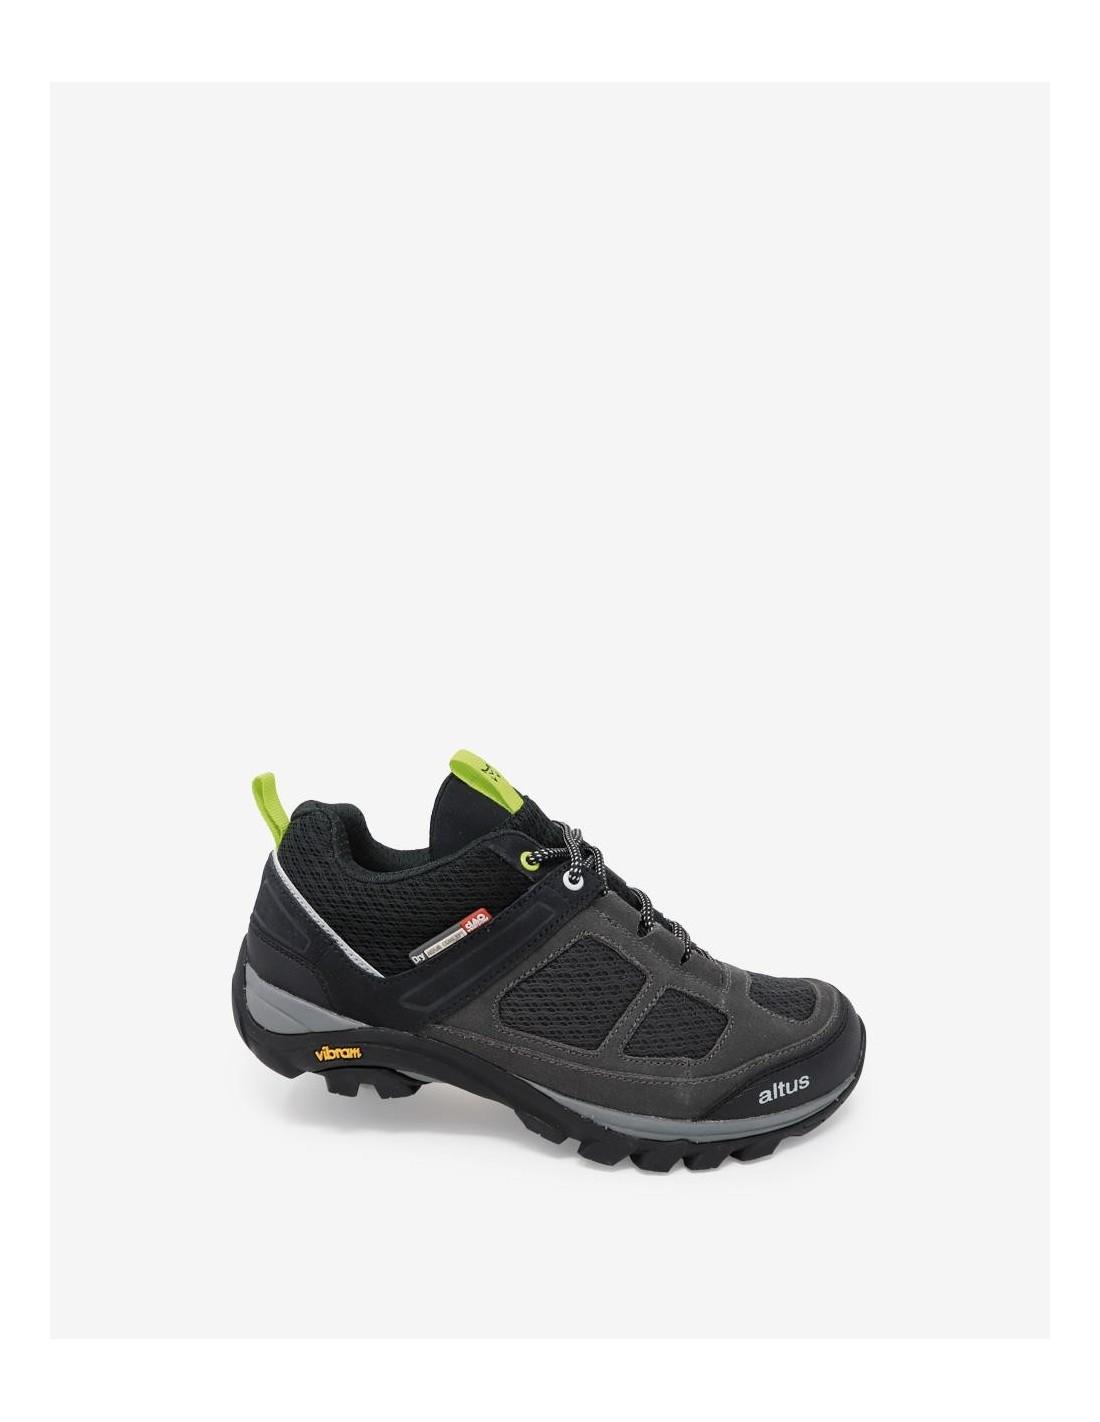 Trekking Shoes Taburiente Altus